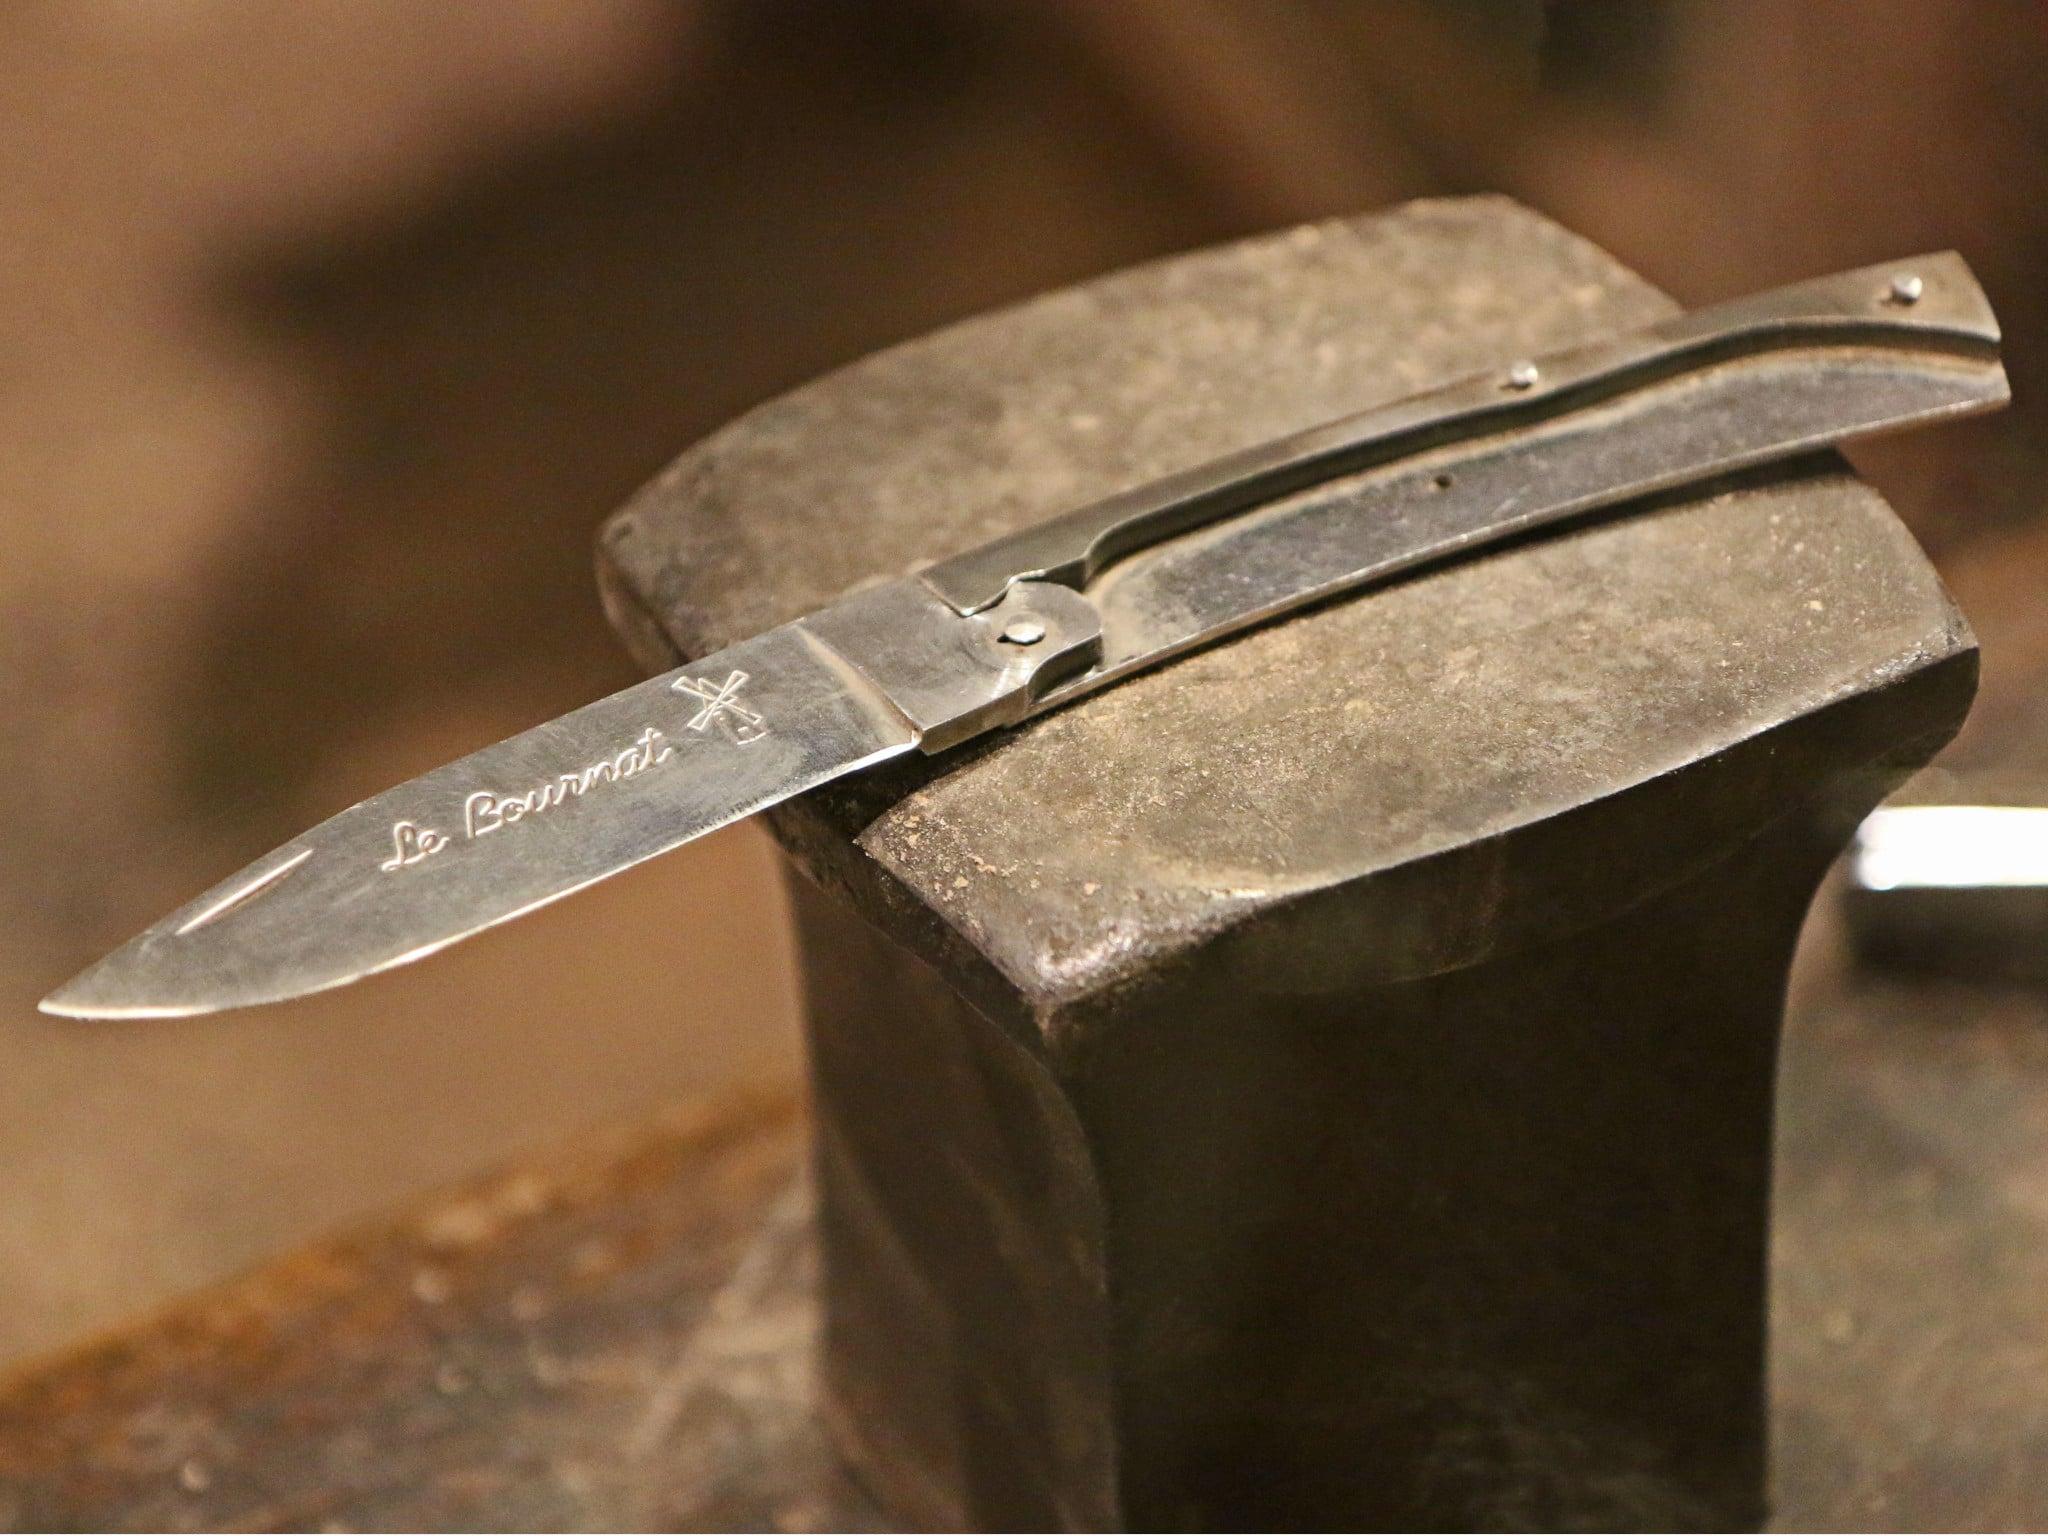 couteau brut